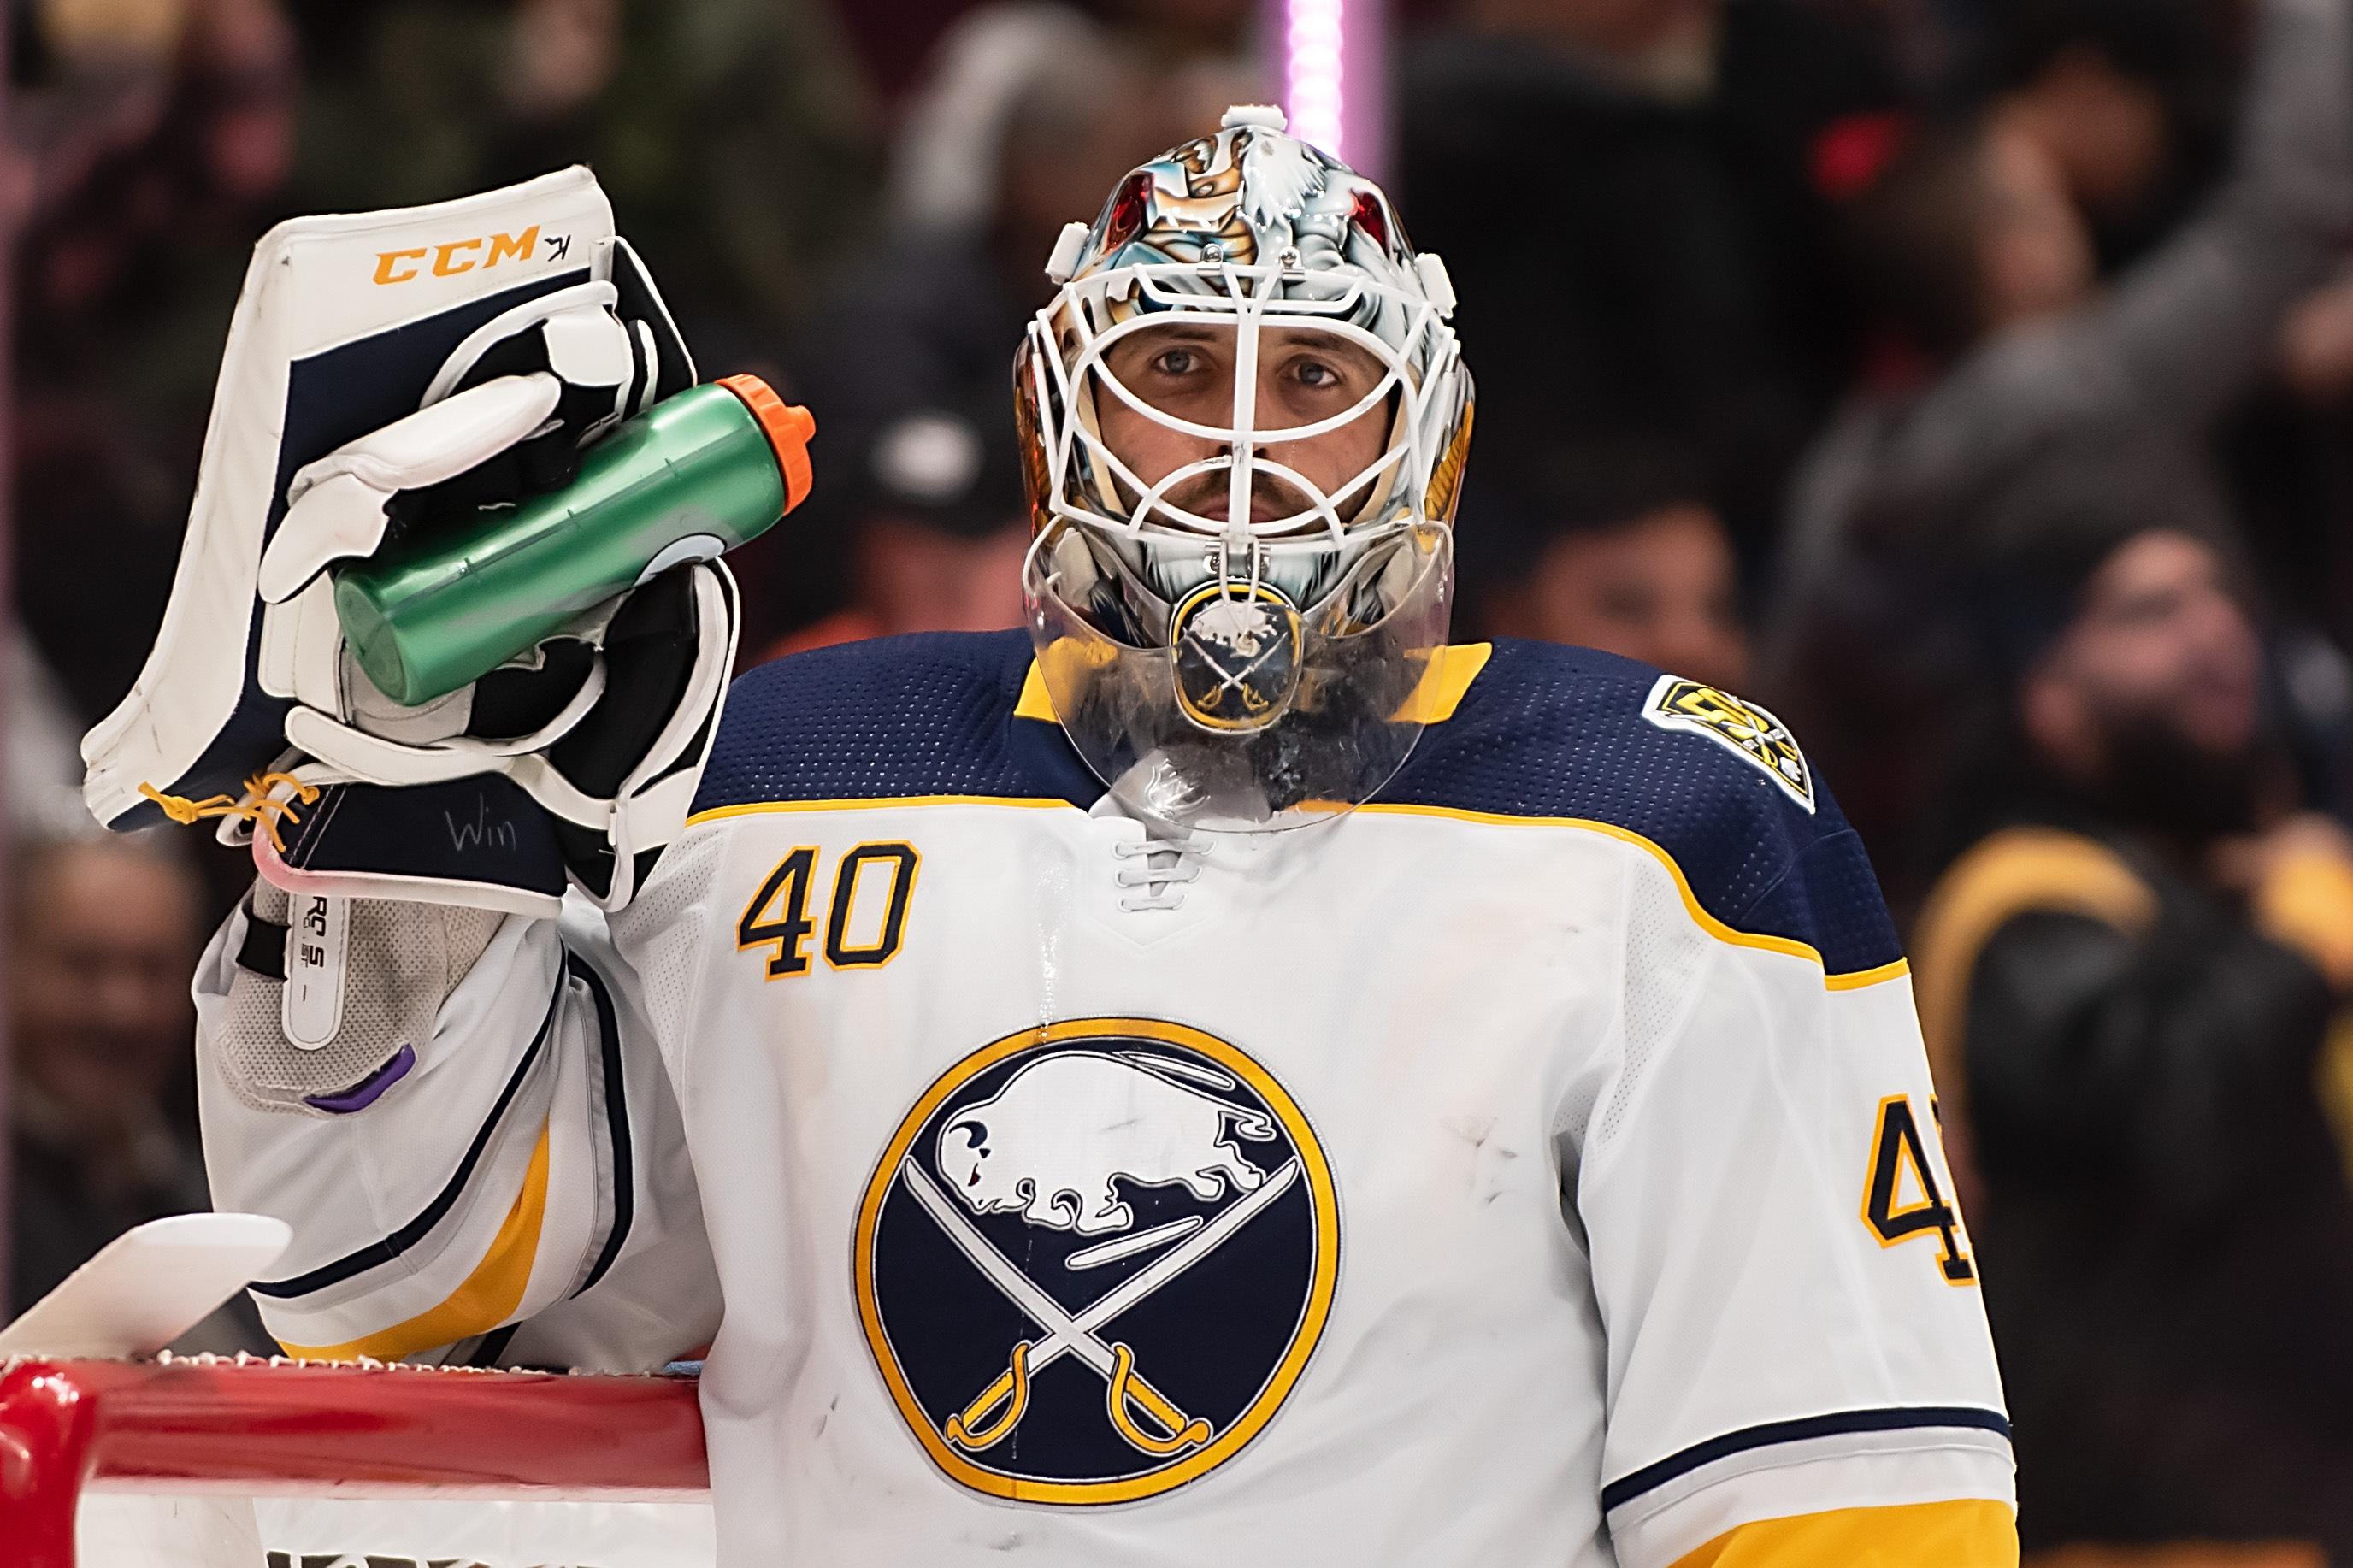 NHL: Buffalo Sabres at Vancouver Canucks